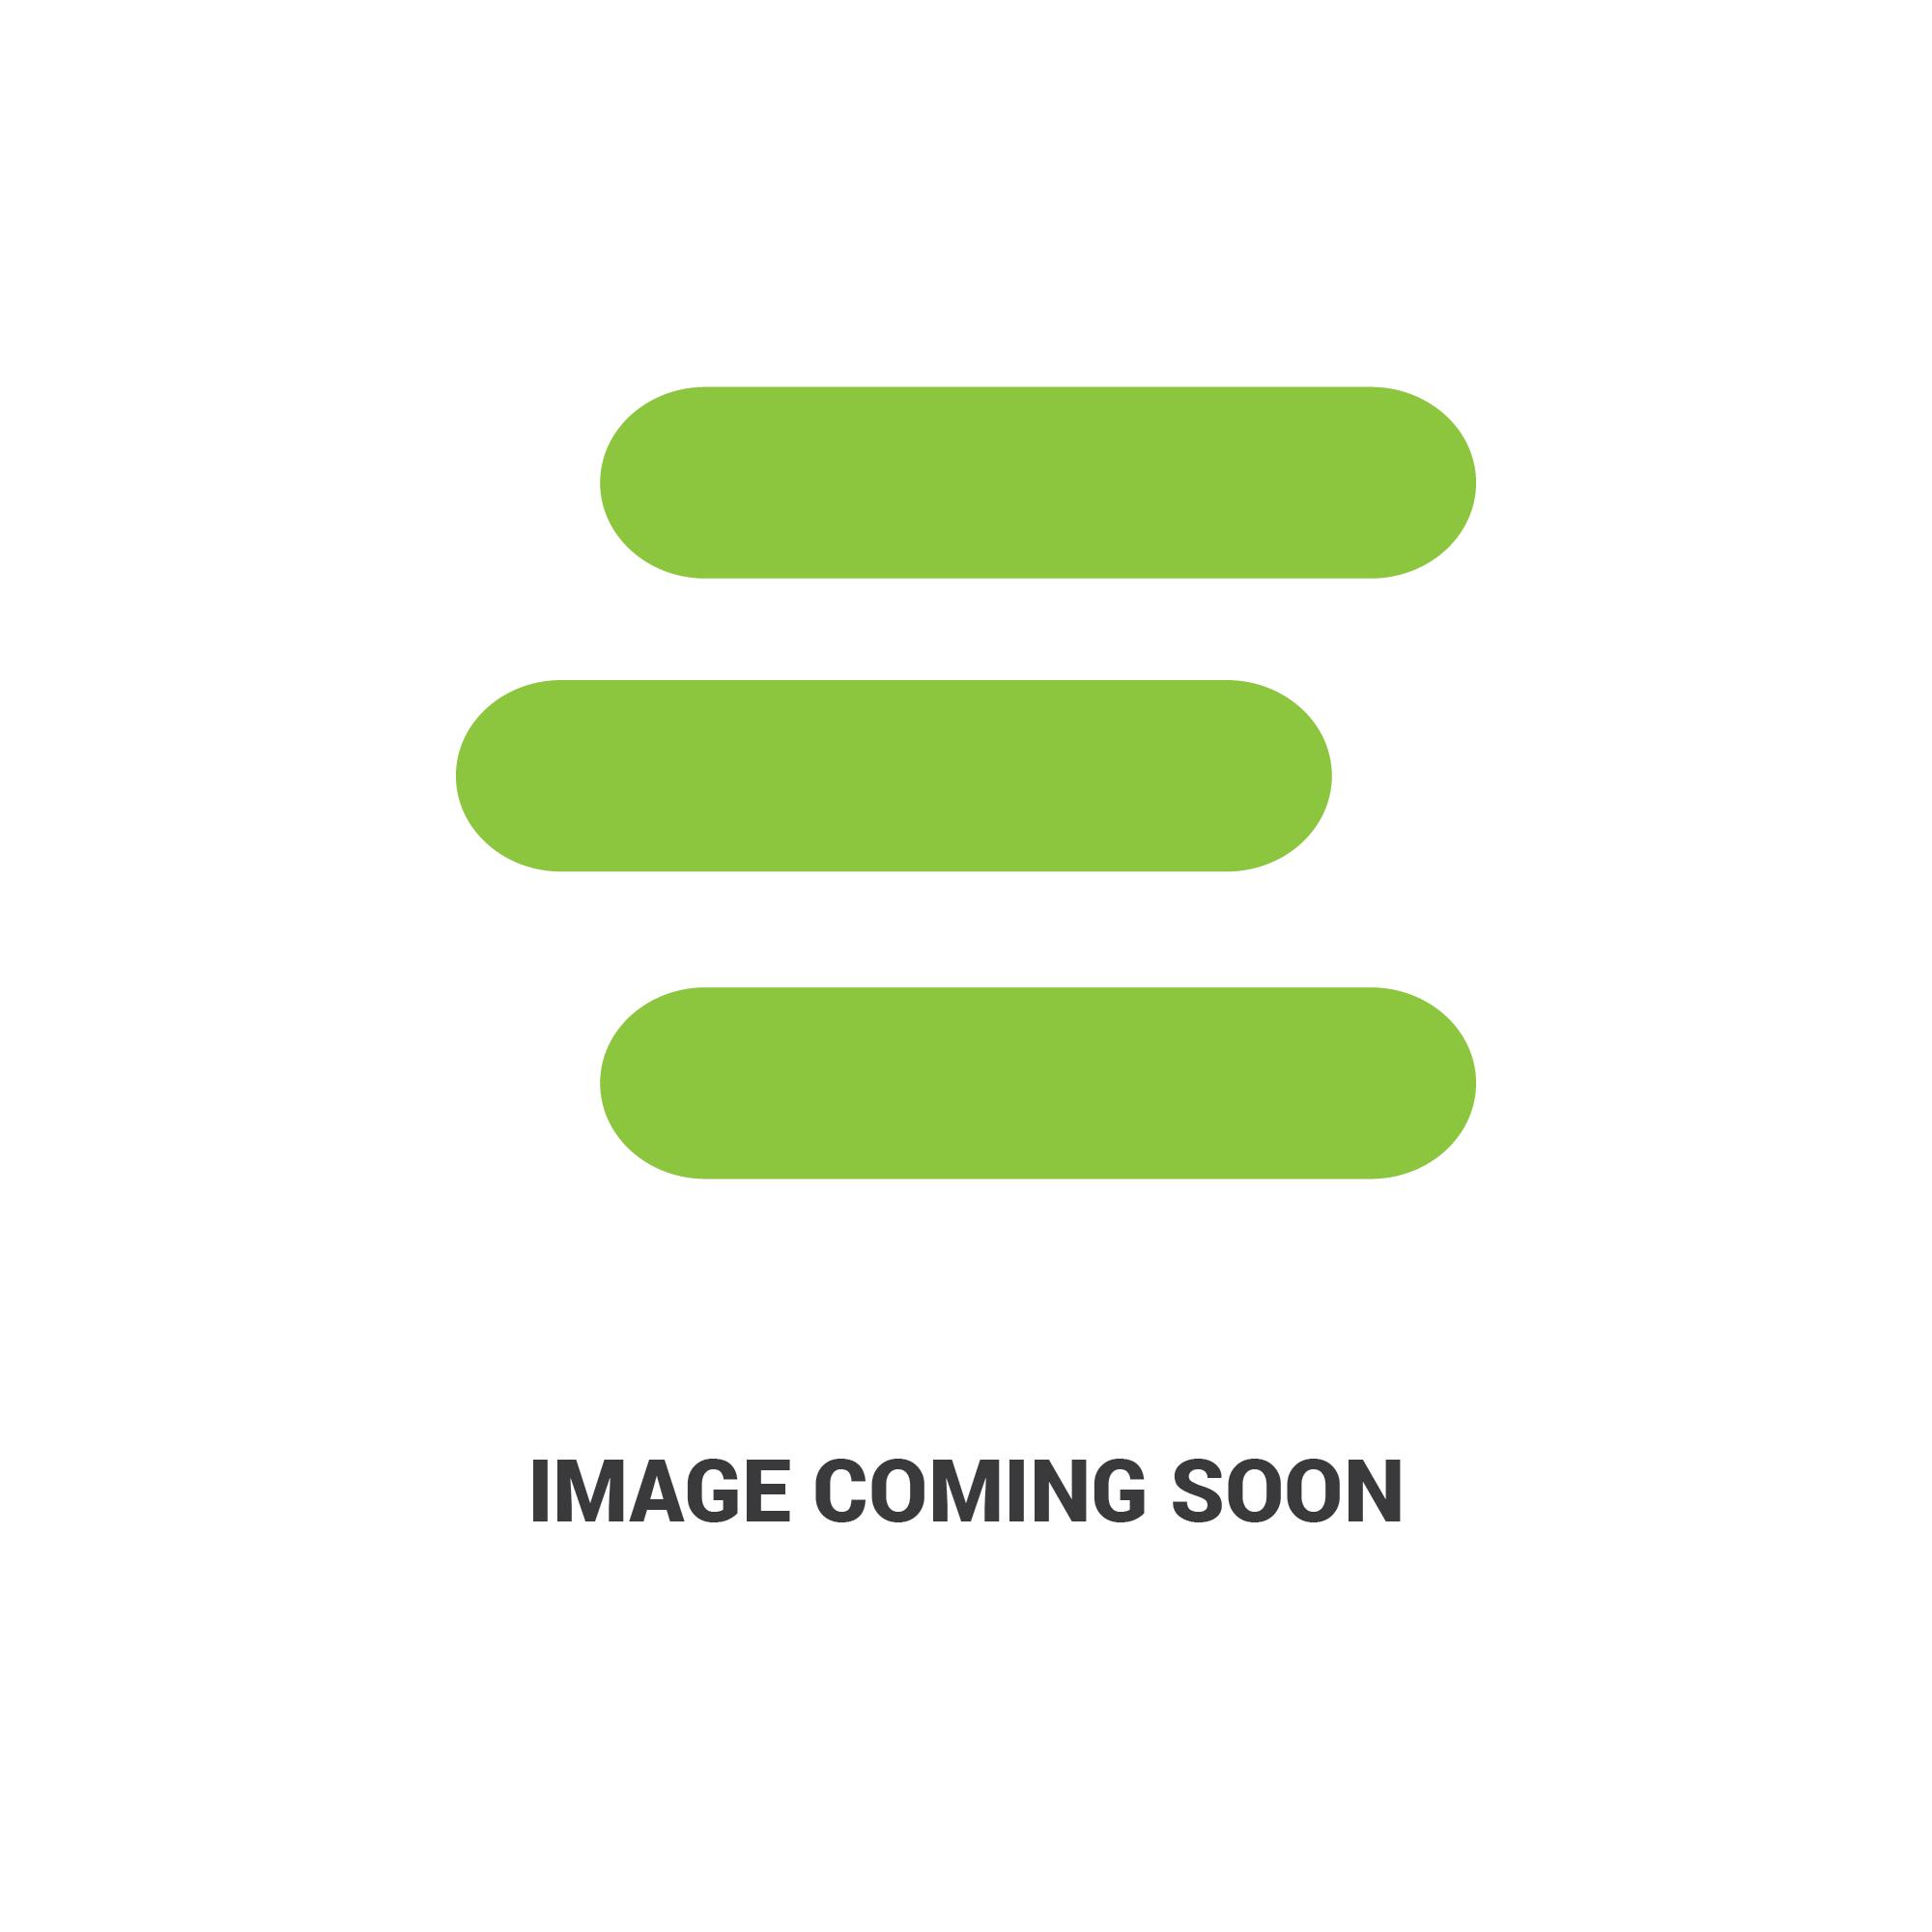 E-6C070-554301906_1.jpeg